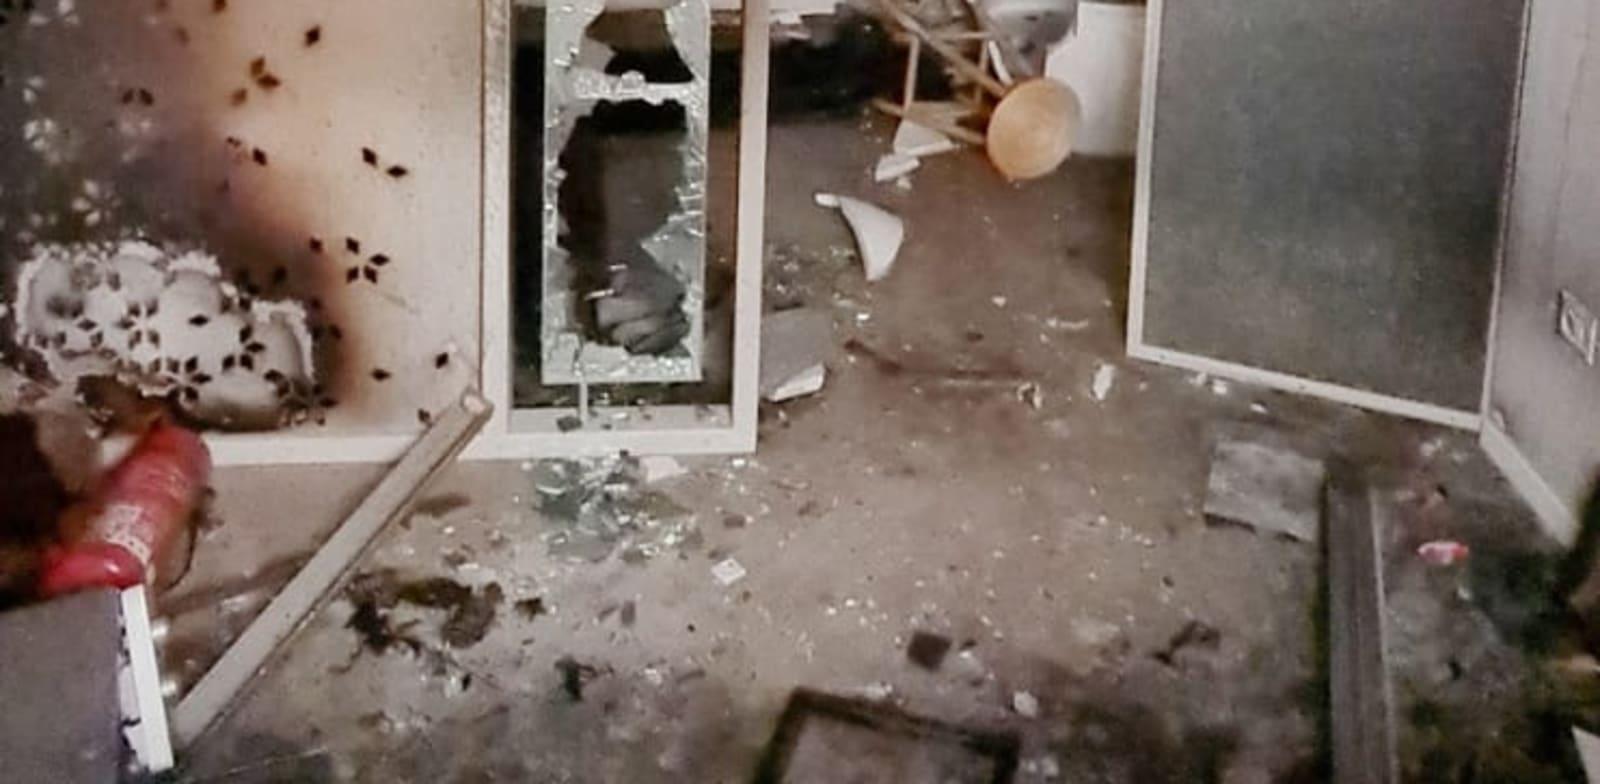 בית הארחה מליסנדה בעכו, שחדריו הוצתו בידי פורעים / צילום: מיכל מטלון